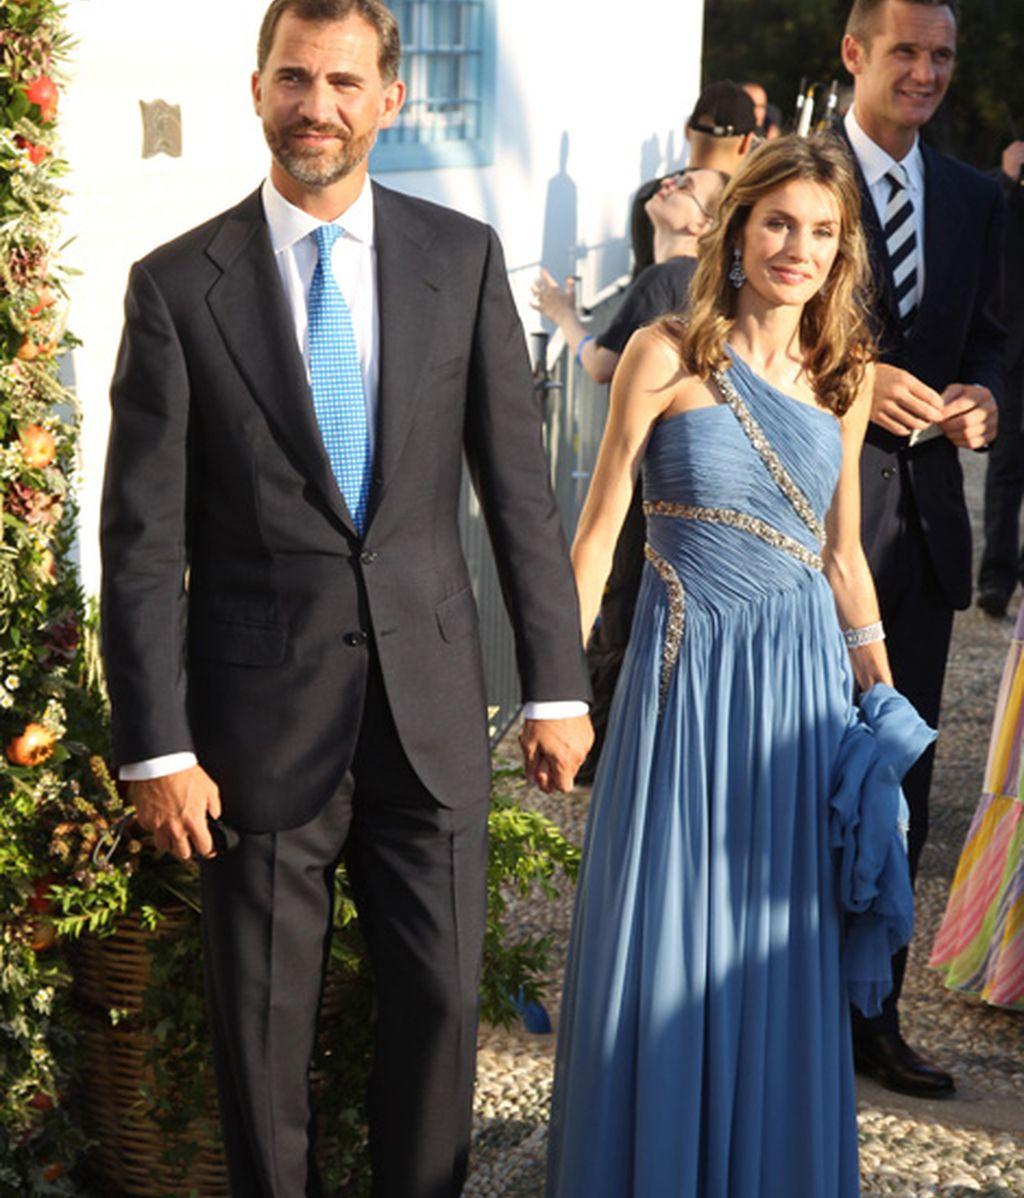 Boda de Nicolás de Grecia y Tatiana Blatnik (agosto de 2010)